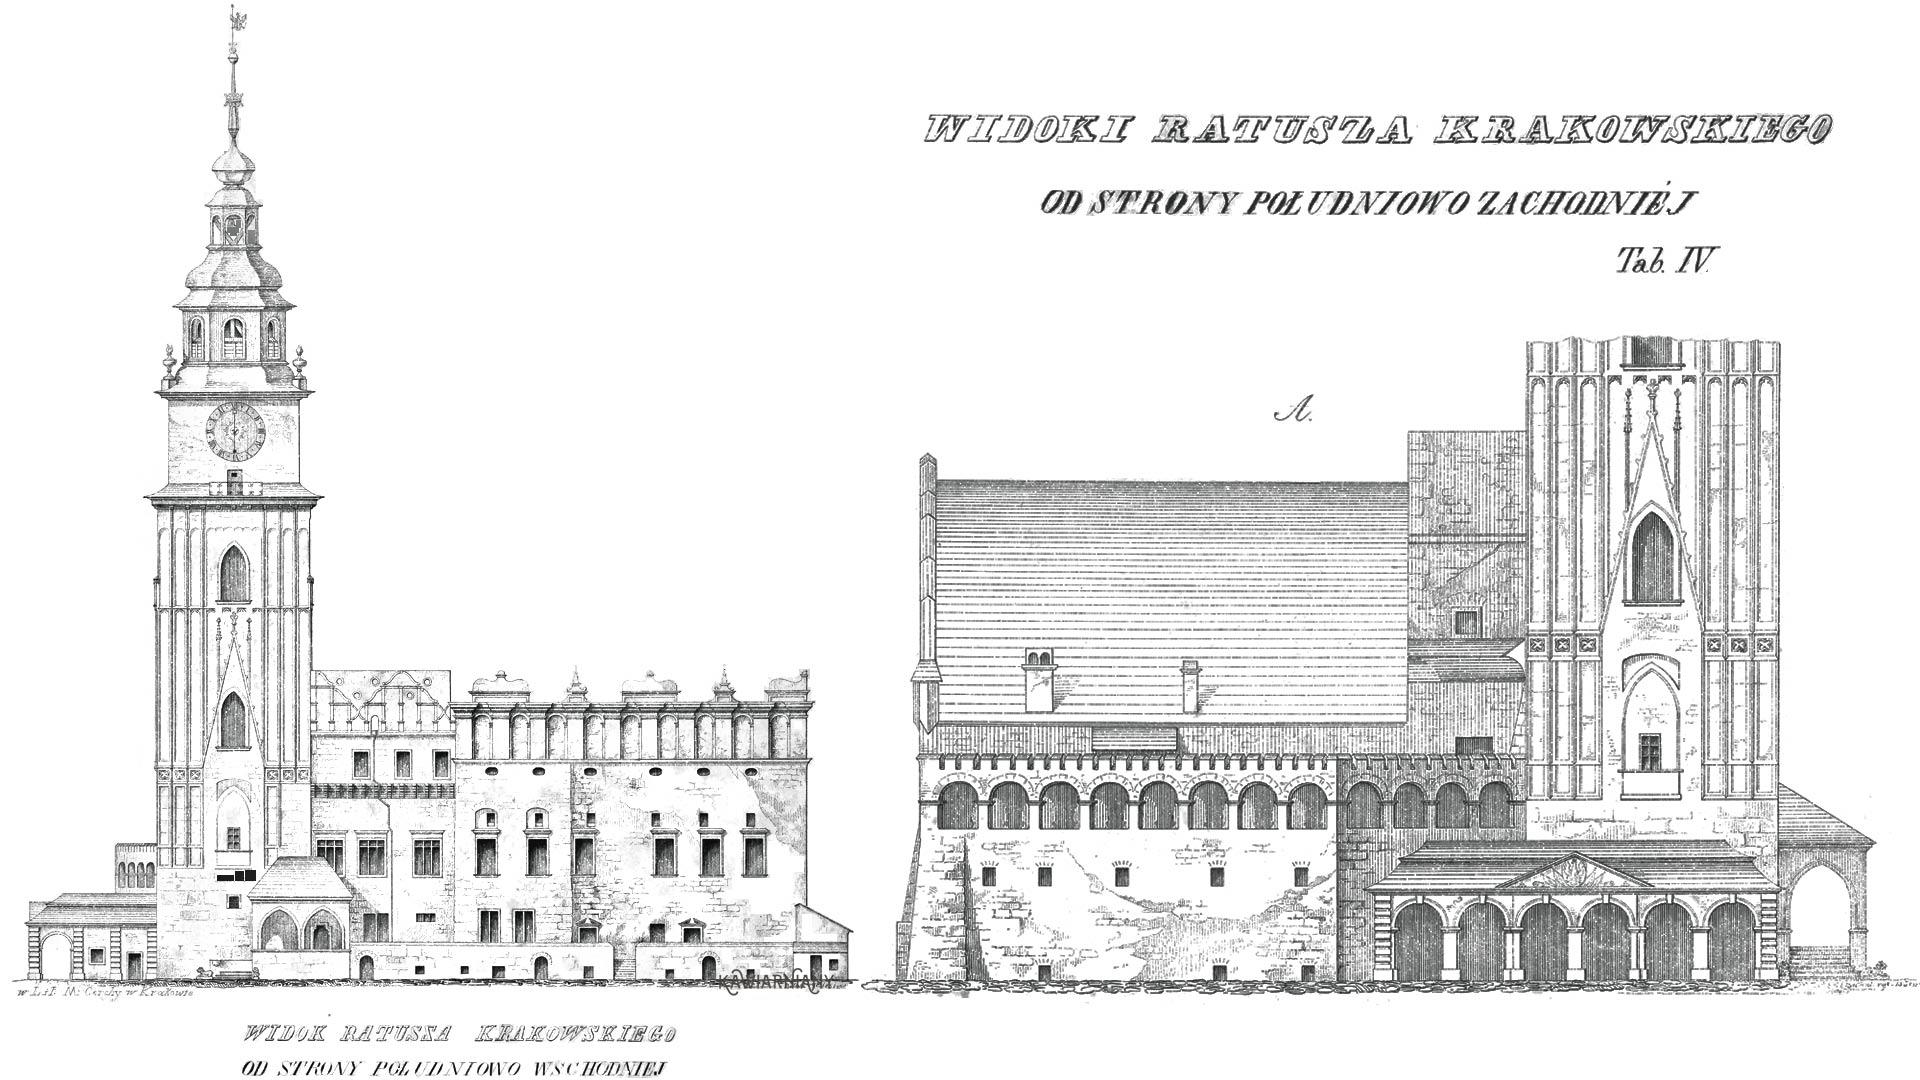 Widok krakowskiego ratusza według rysunku Karola Balickiego z 1851 roku. Rysunek dostępny w Domenie Publicznej